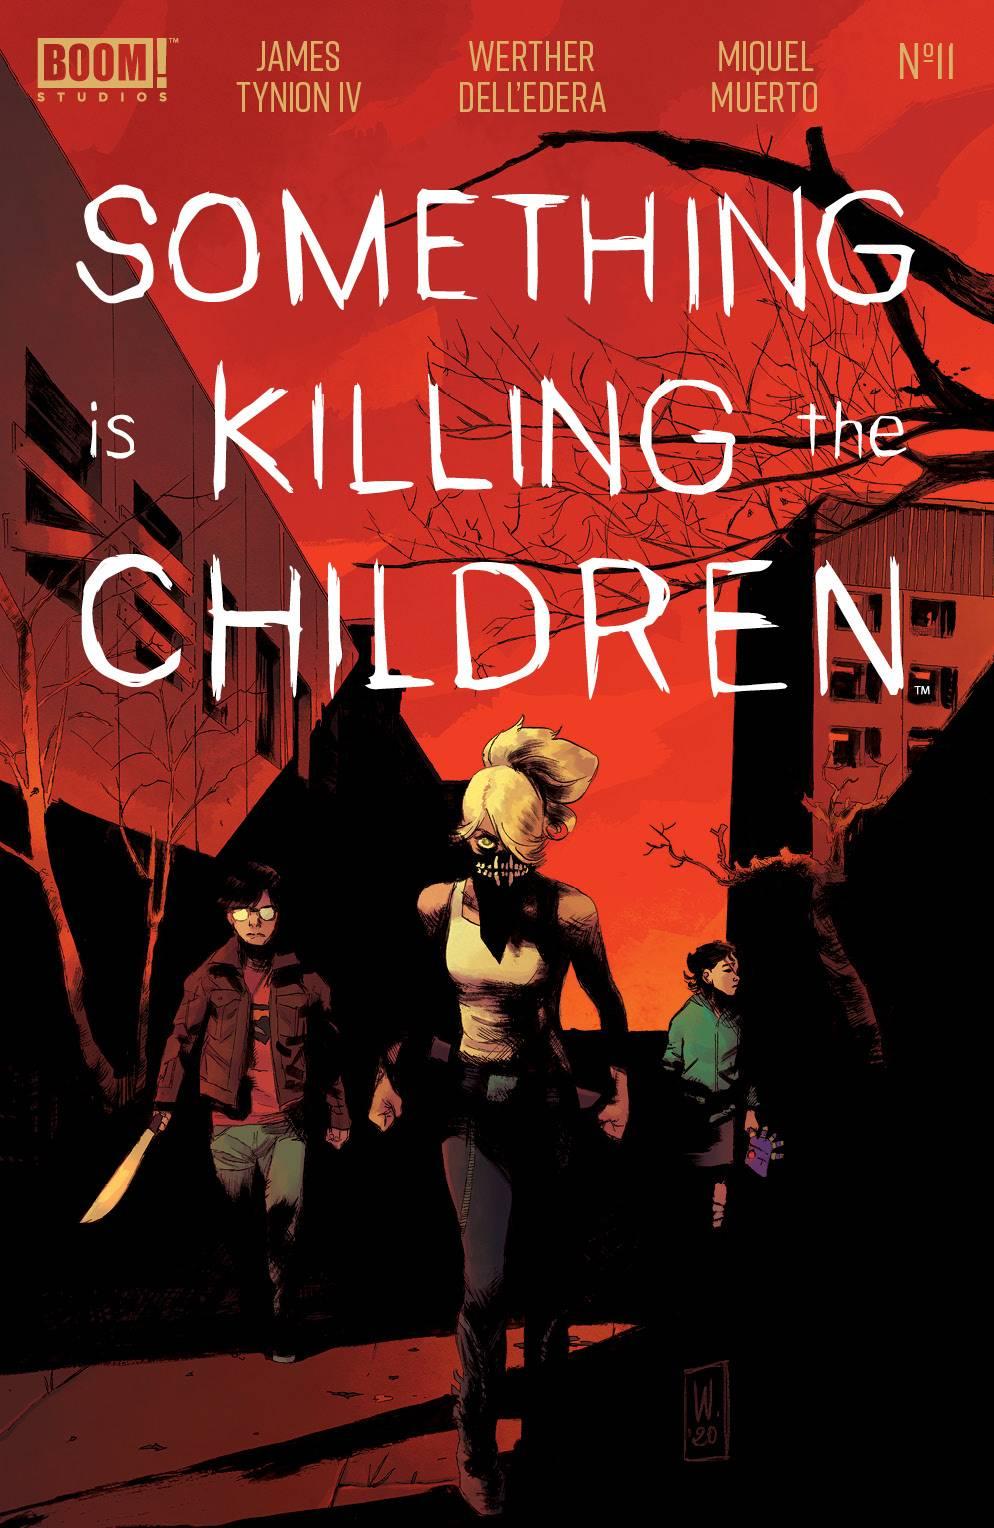 SOMETHING IS KILLING CHILDREN #11 MAIN